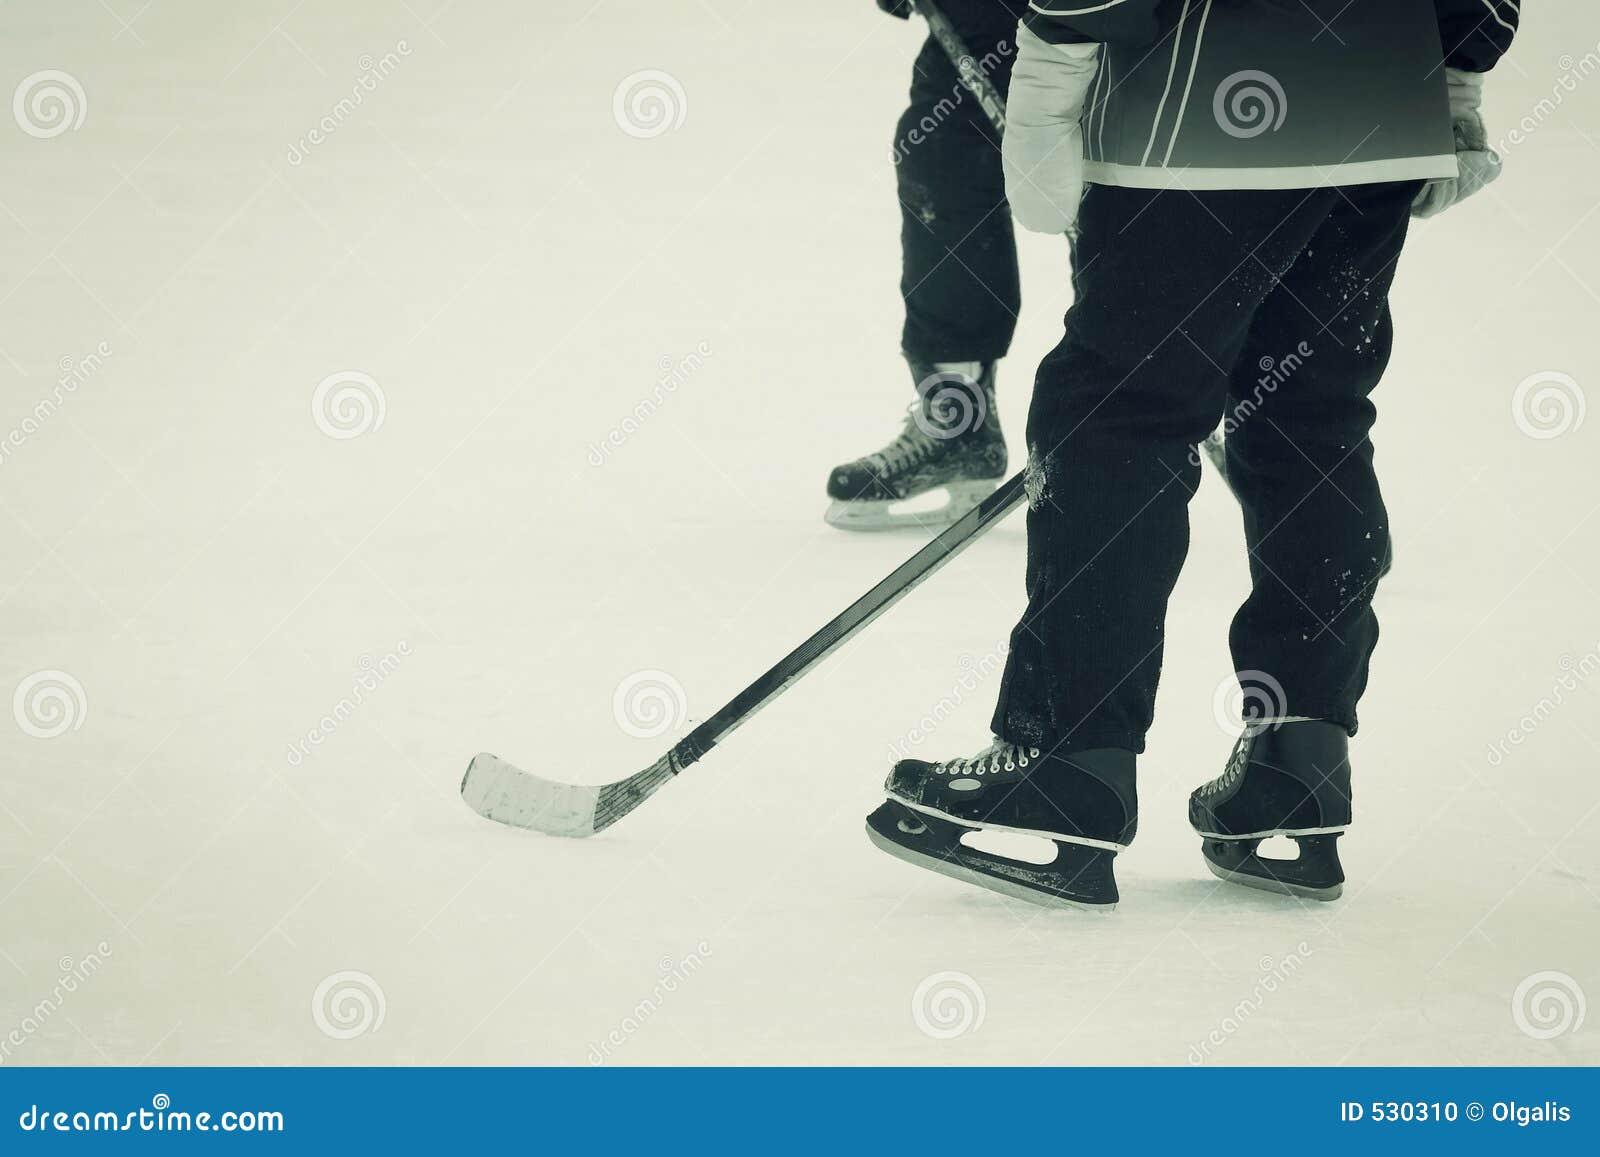 Download 曲棍球运动员 库存照片. 图片 包括有 风险, 激情, 曲棍球, 竞争, 棍子, 一起, 假期, 冰鞋, 视窗 - 530310